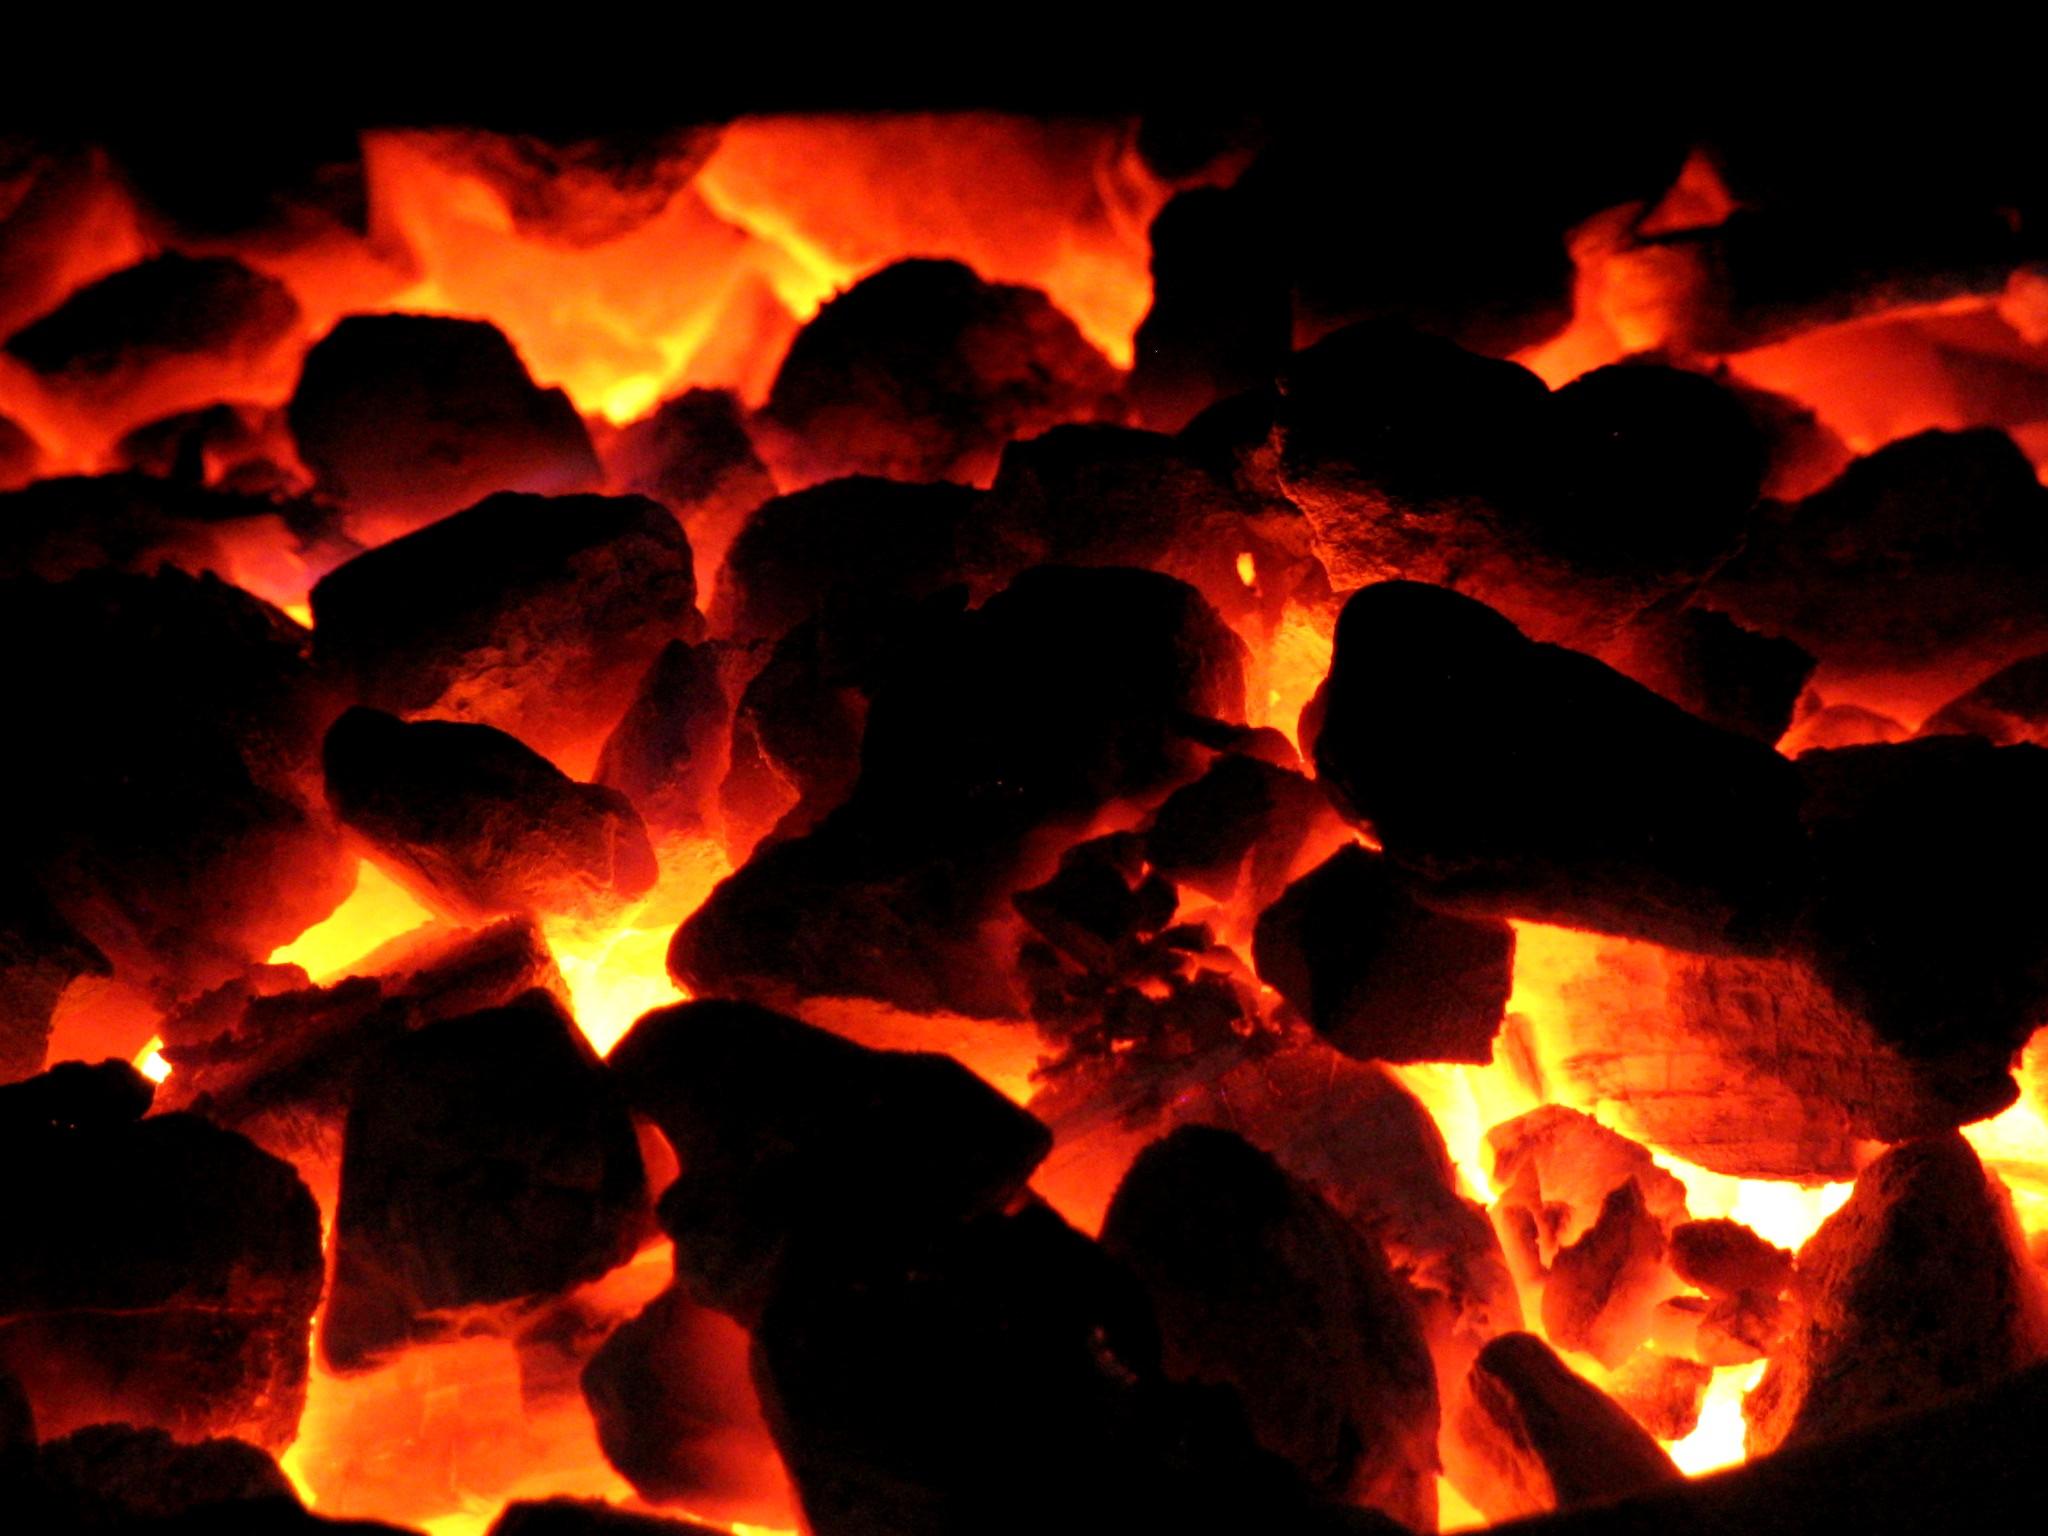 3d Moving Fireplace Wallpaper Coal Wallpaper 2048x1536 71040